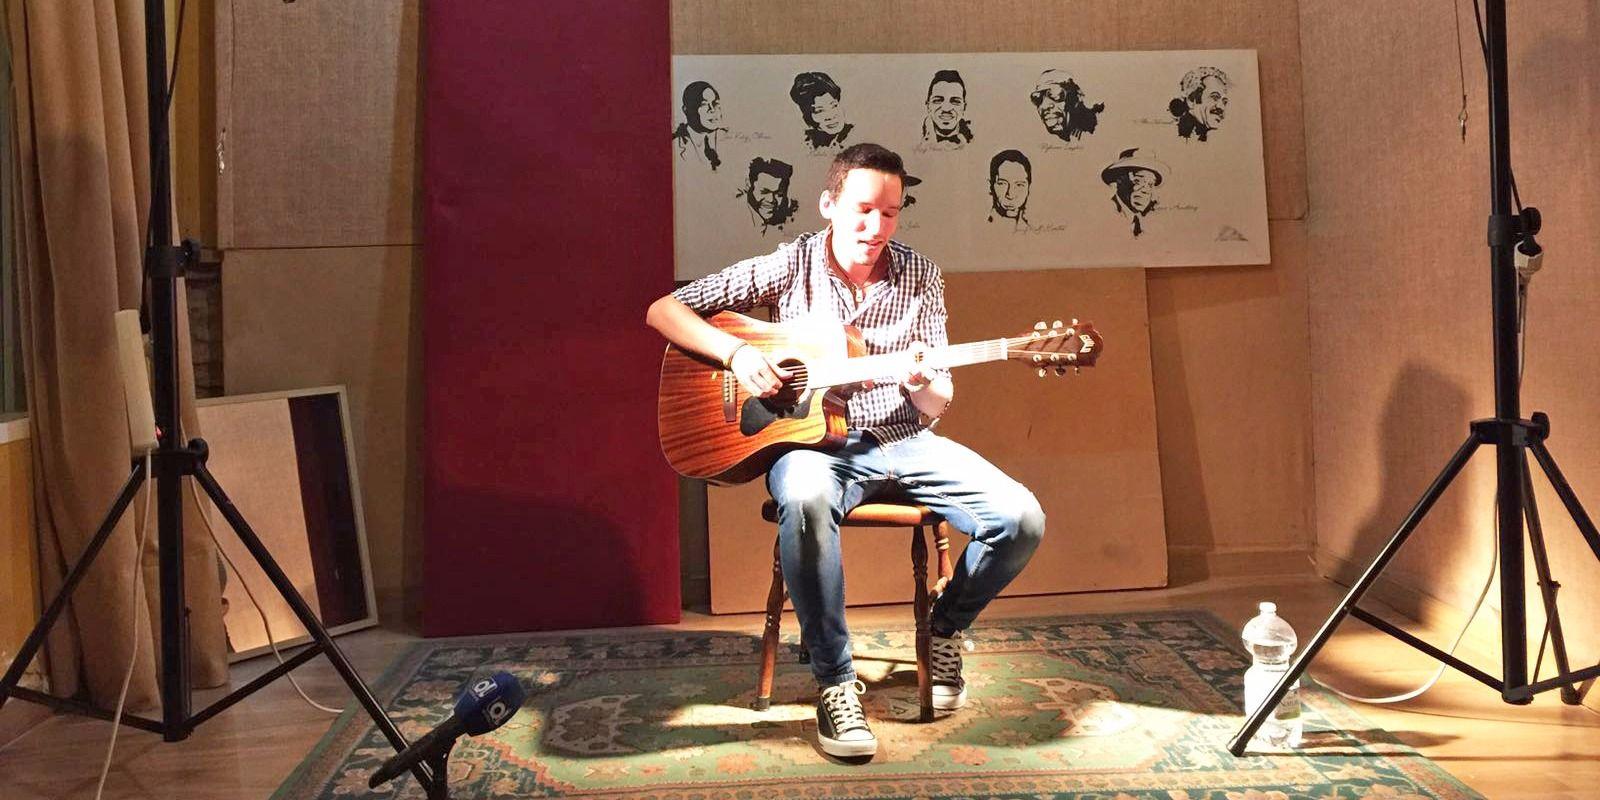 Joe Carper en el concierto ofrecido a los medios esta mañana |Mira Jerez